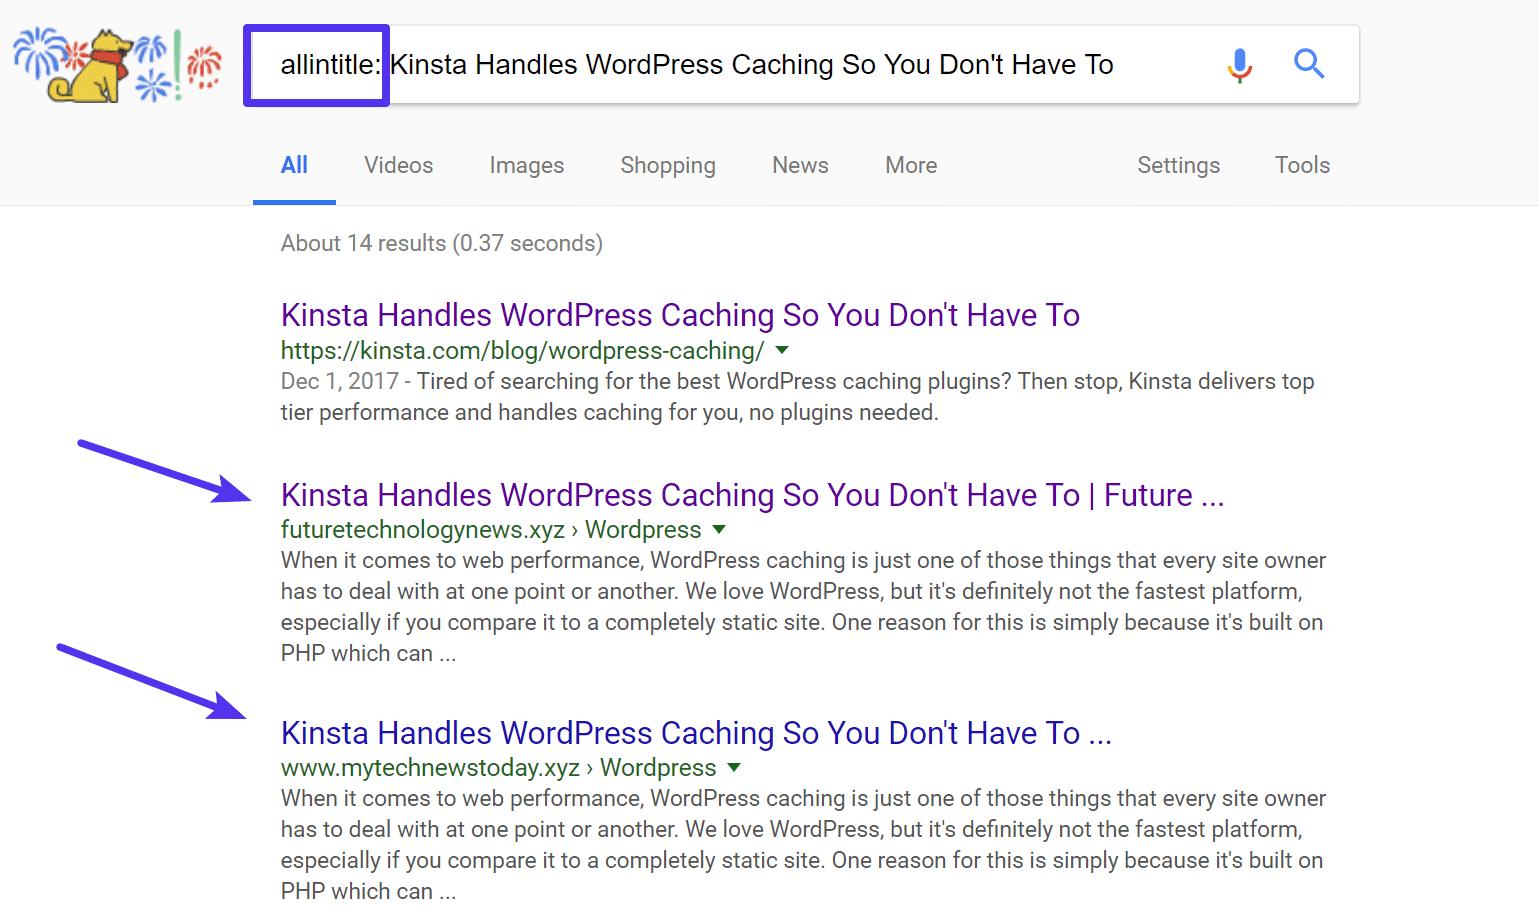 Pesquisar no Google com a tag allintitle